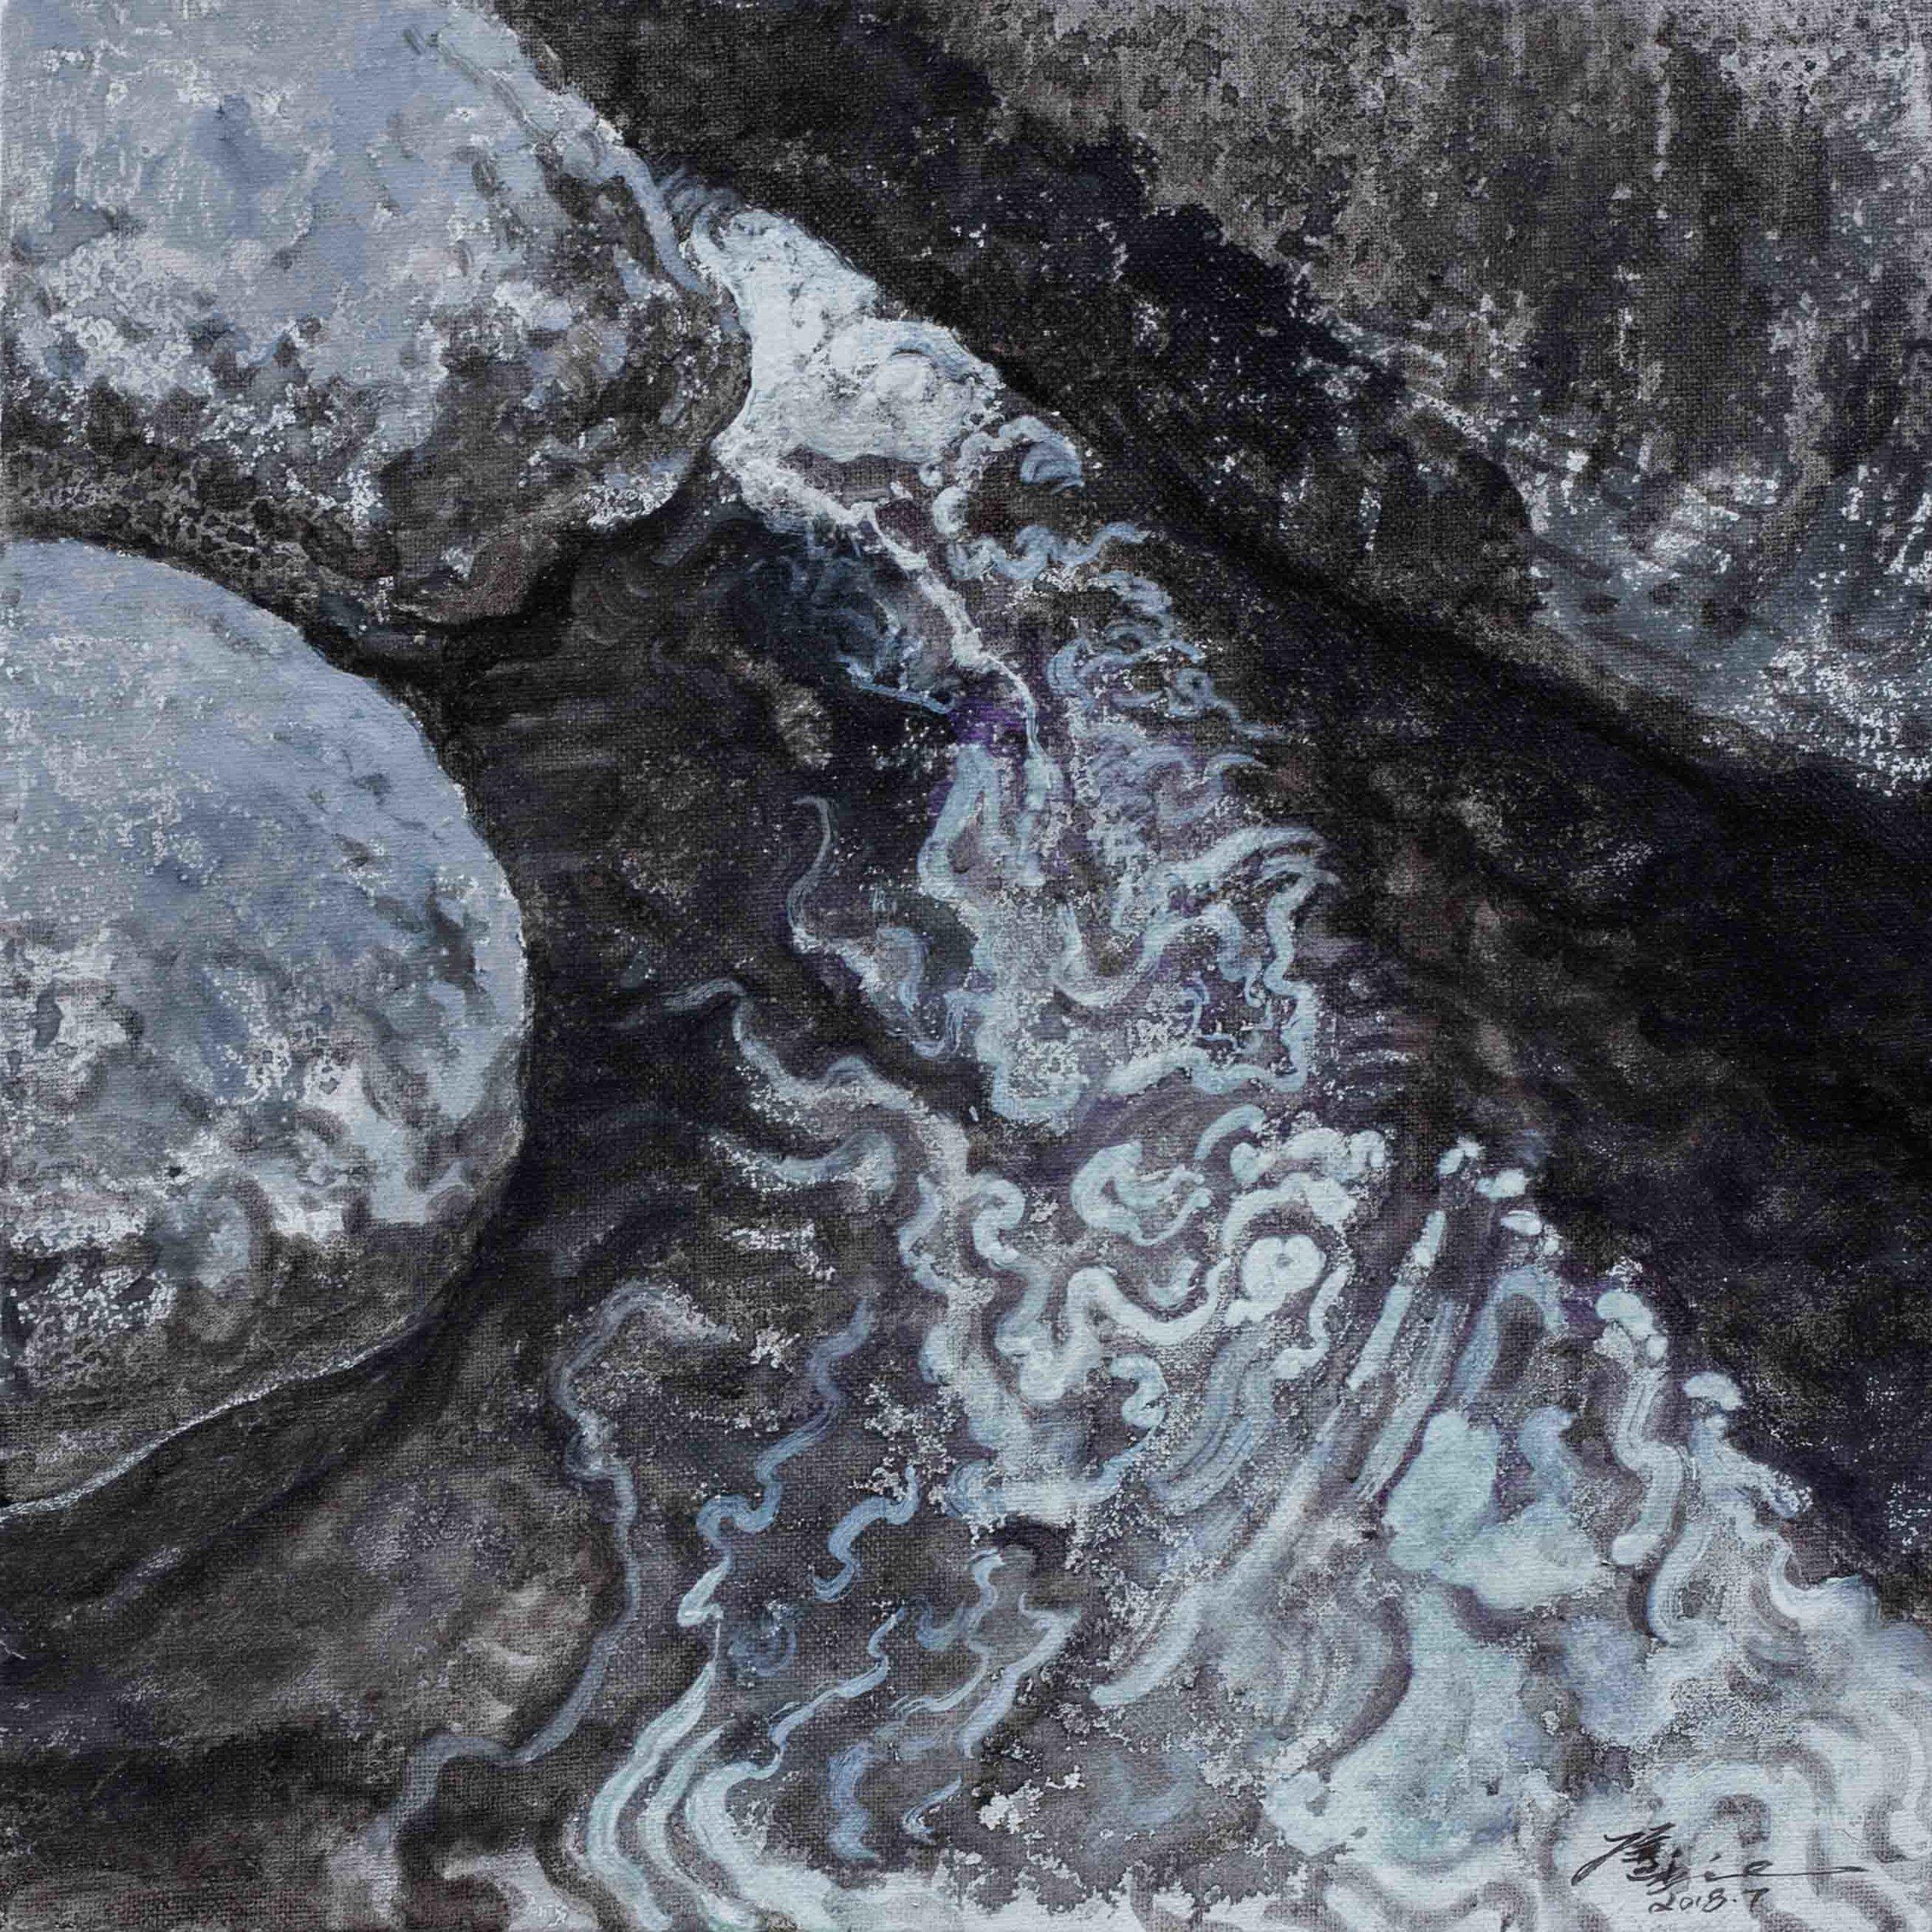 侯俊杰 HOU Junjie〈上善若水·聞水 NO.2 The Supreme Good is Like Water-Hearing the River NO.2〉